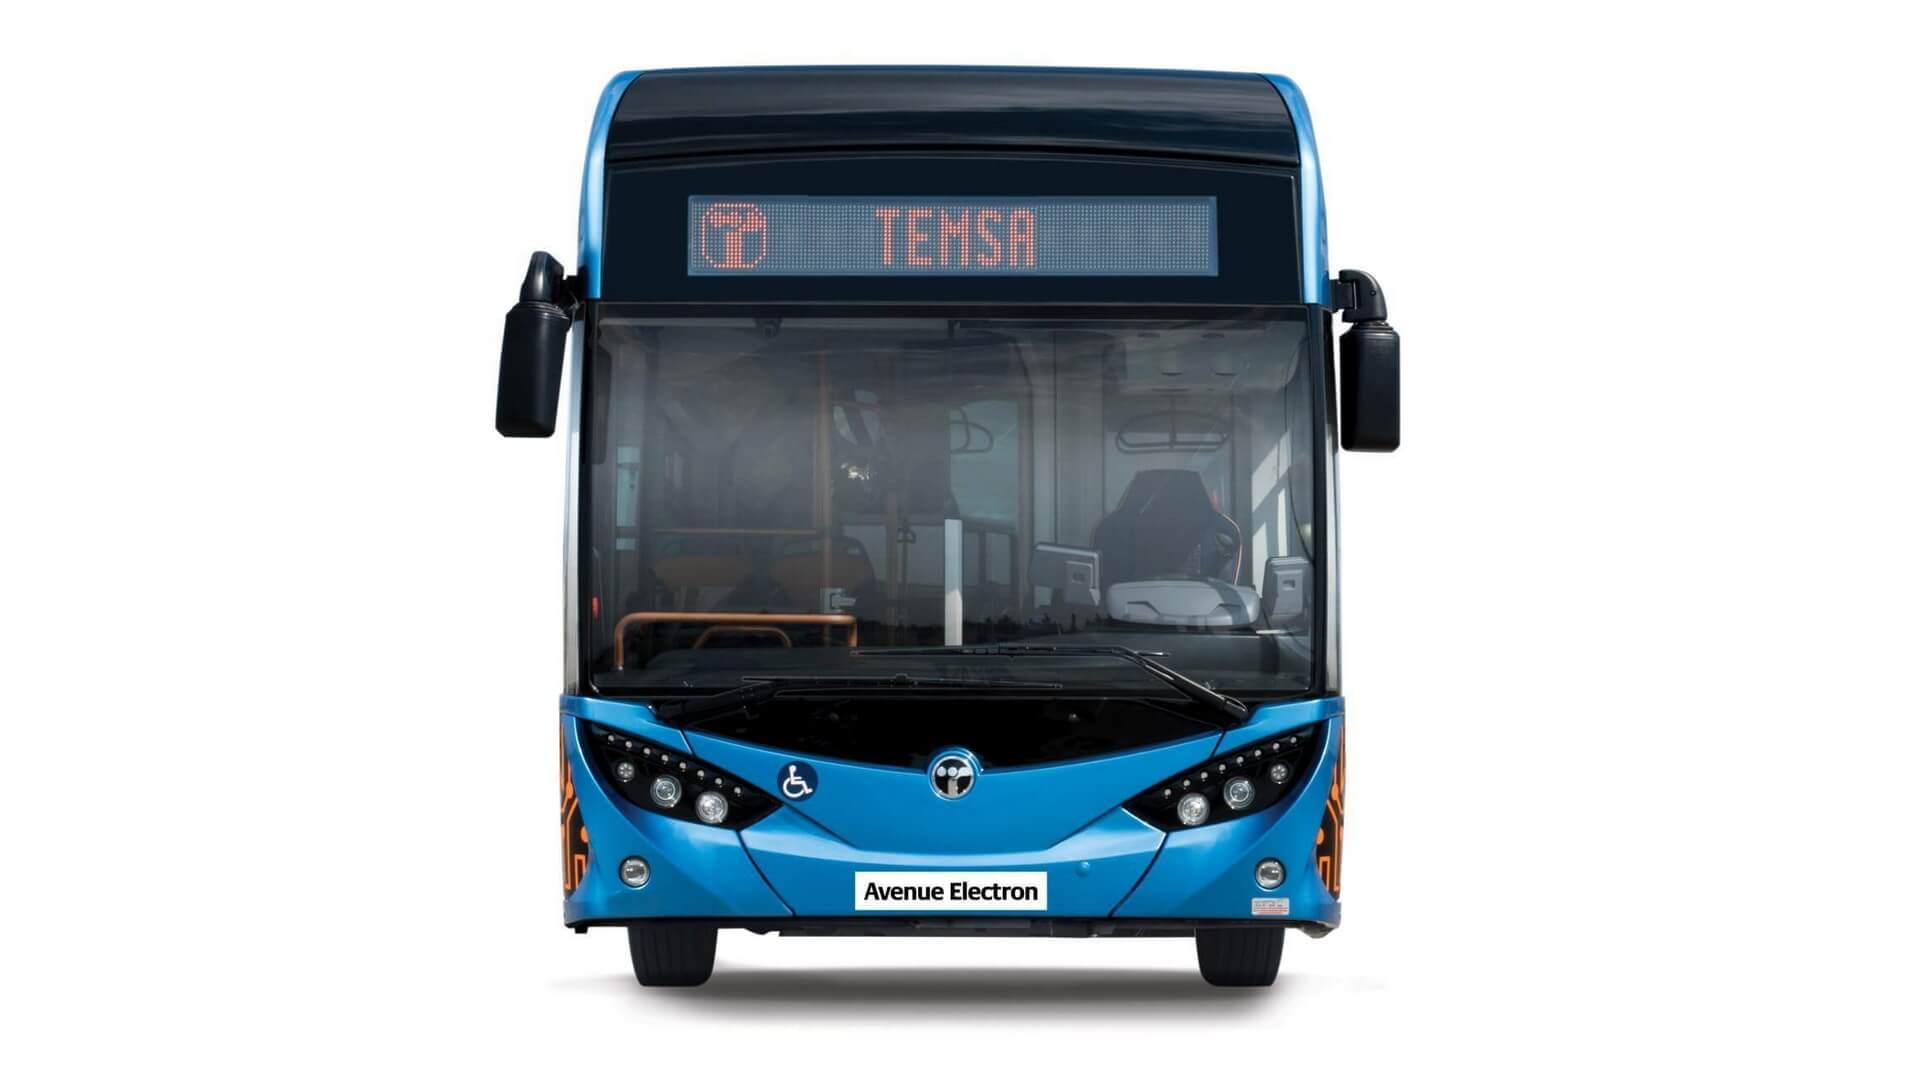 12-метровый электрический автобус Avenue Electron - фото 2